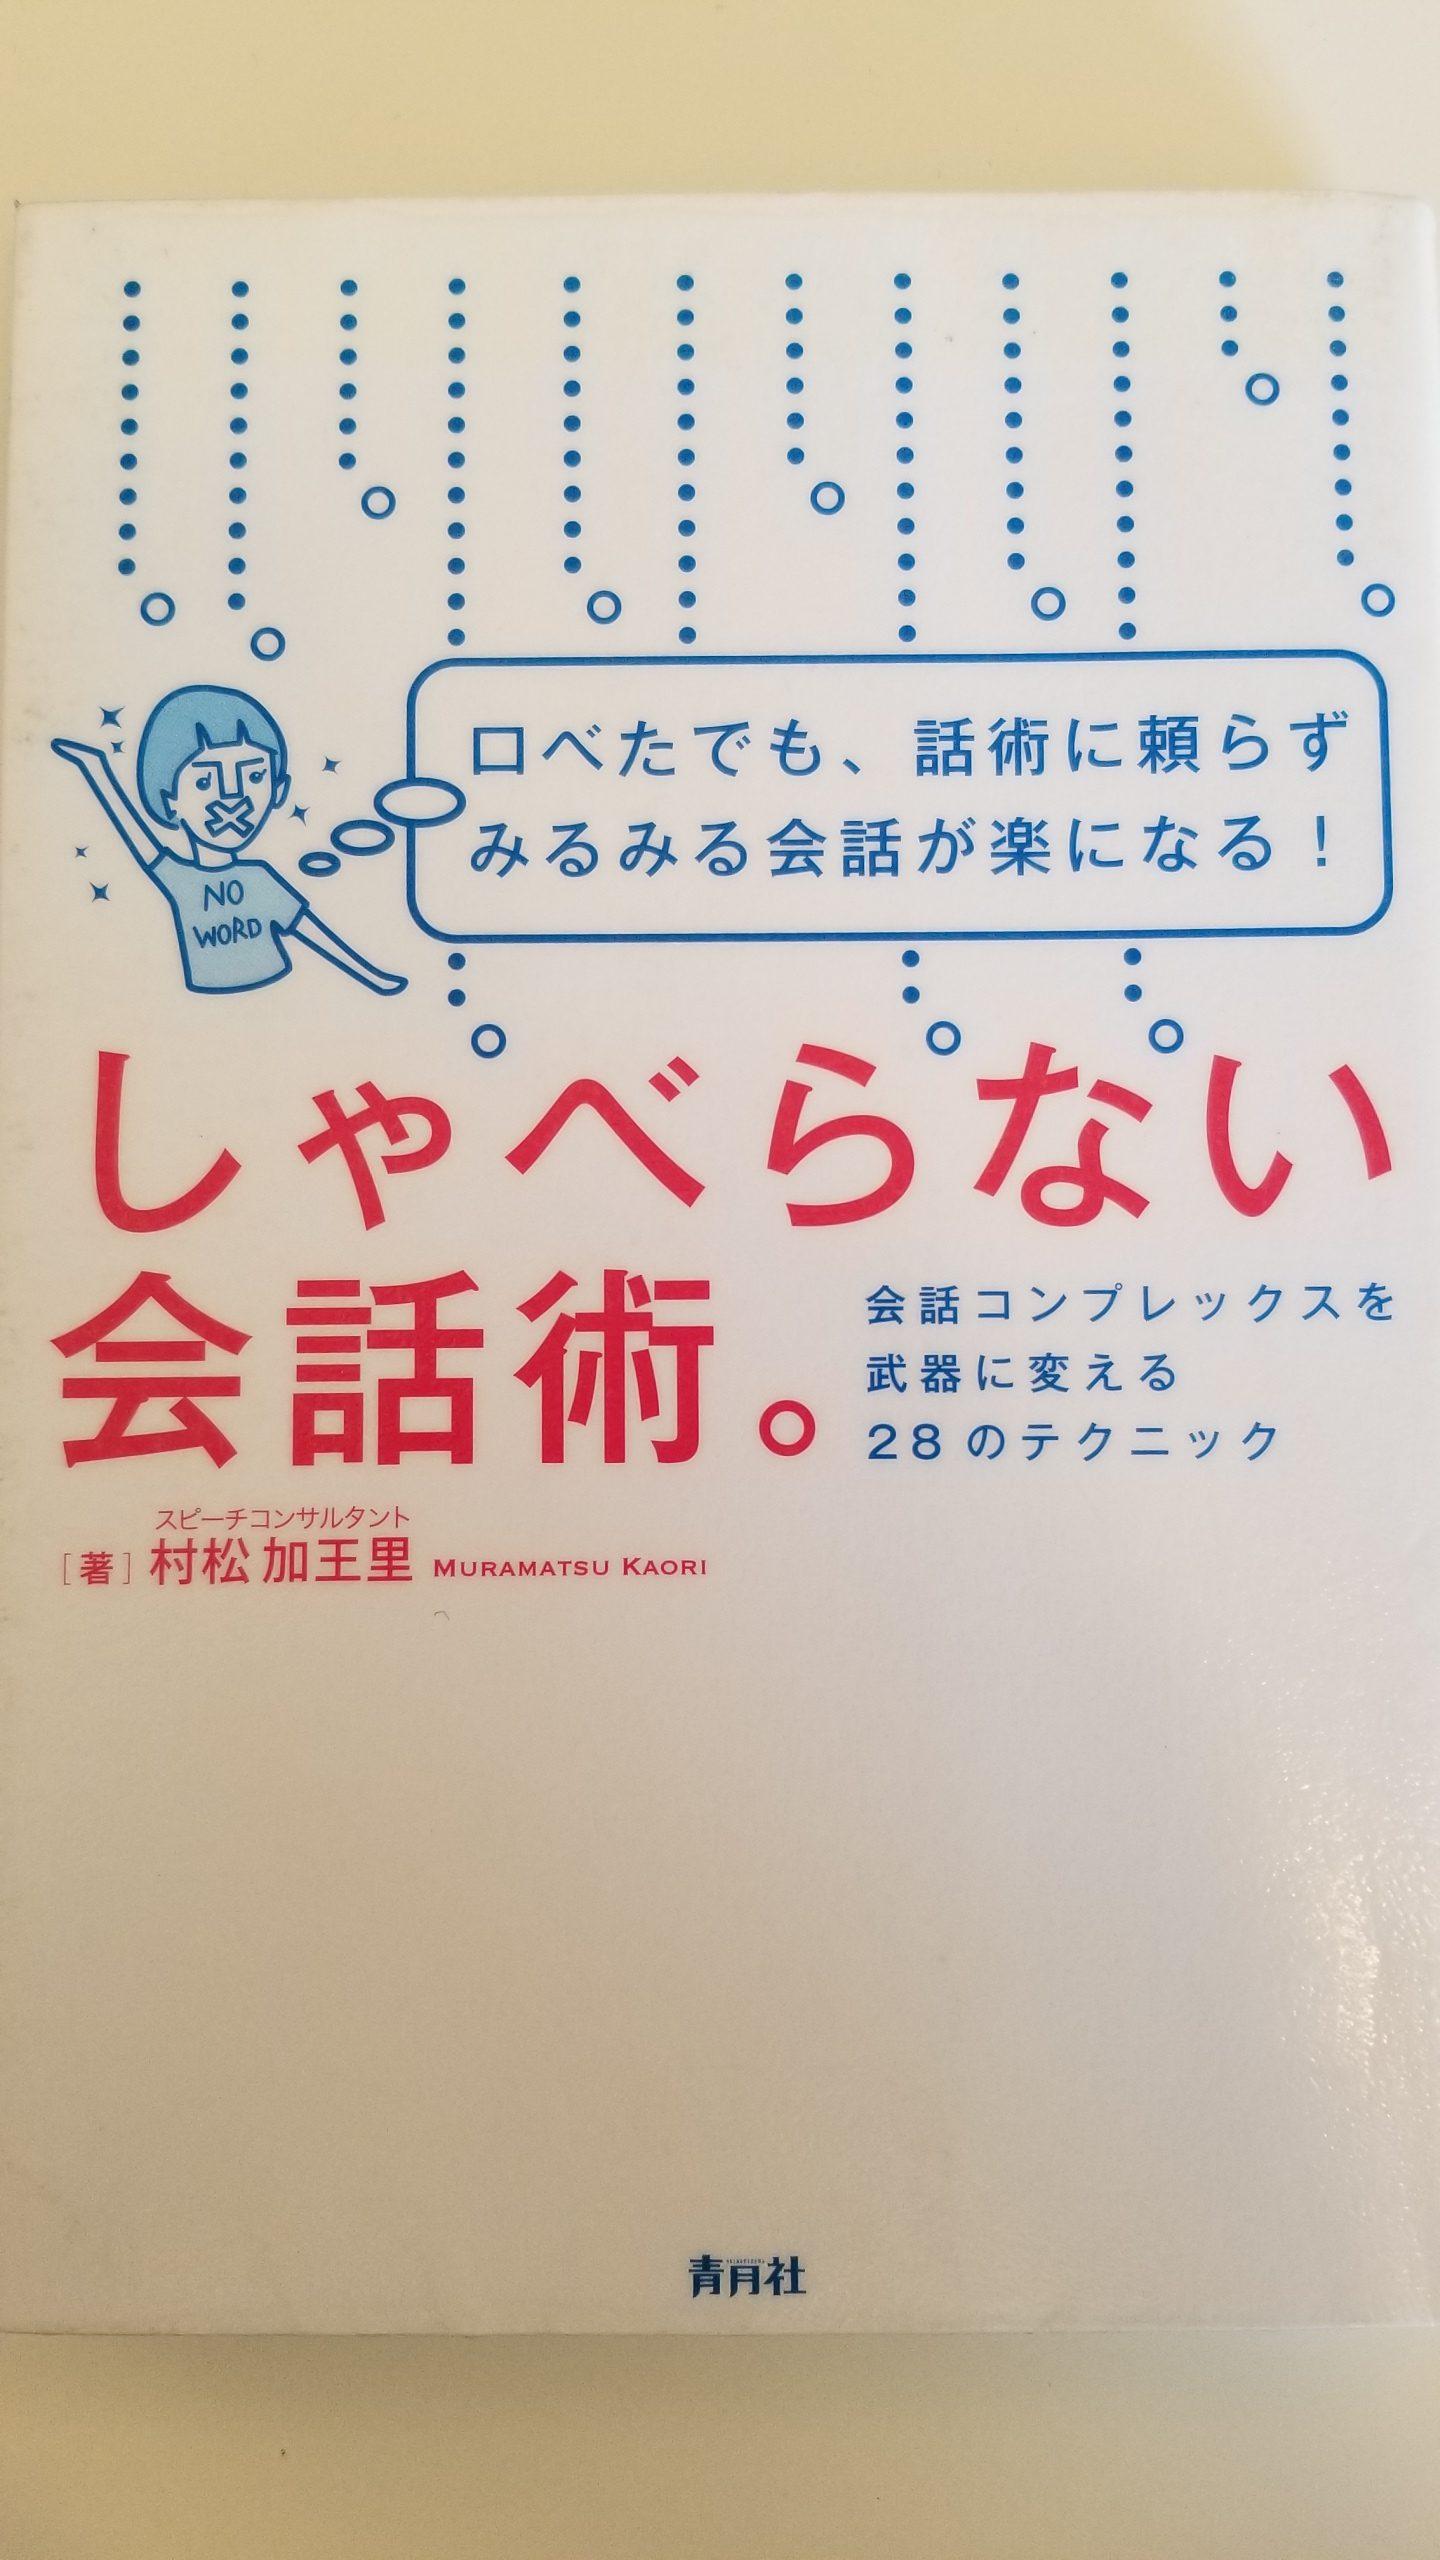 【11月8日韮崎市主催婚活セミナー】しゃべらない会話術の考察